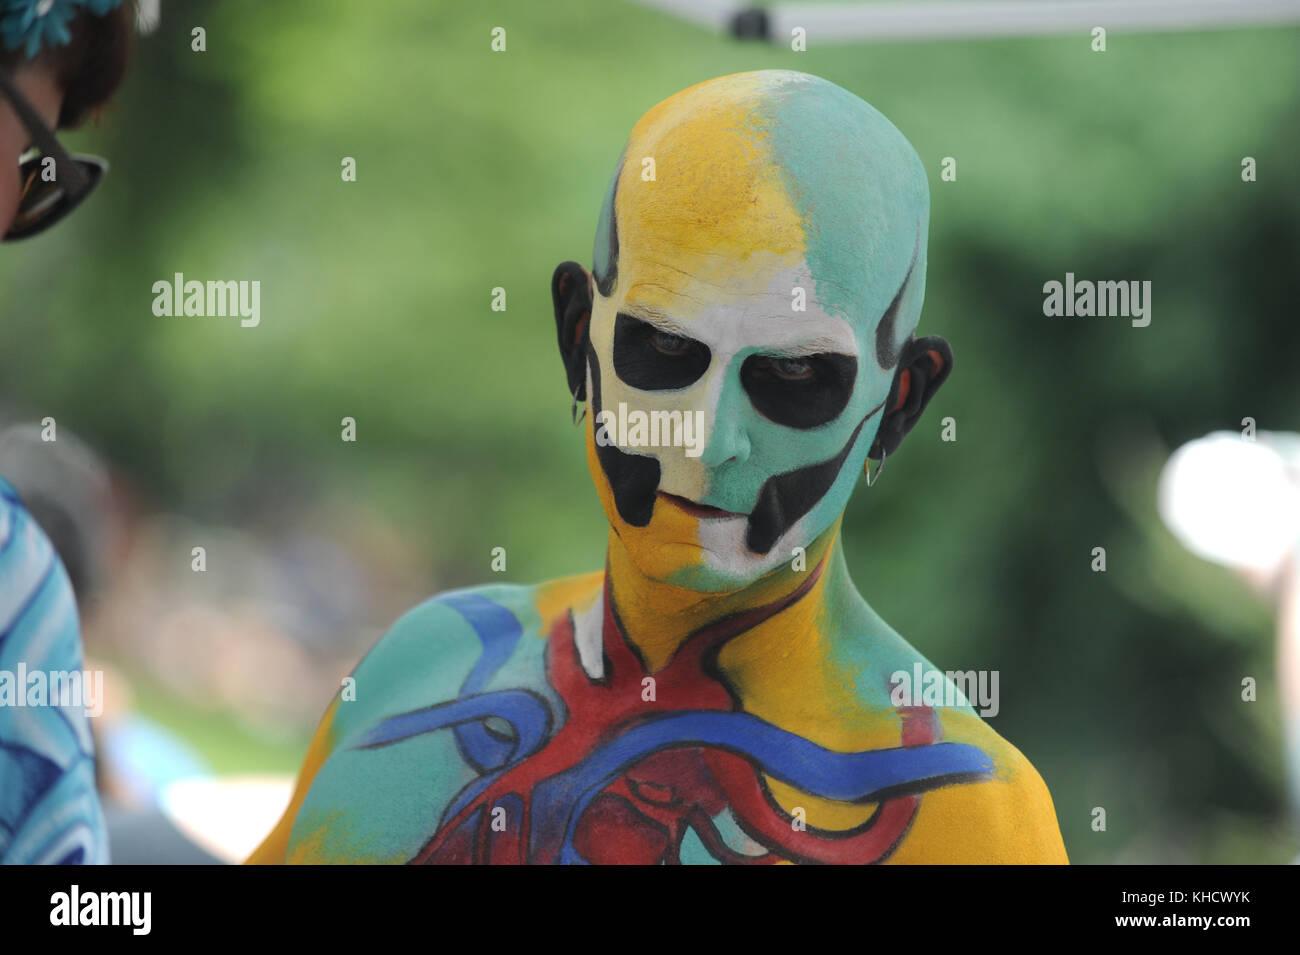 В субботу пройдет NYC Bodypainting Day в Washington Square